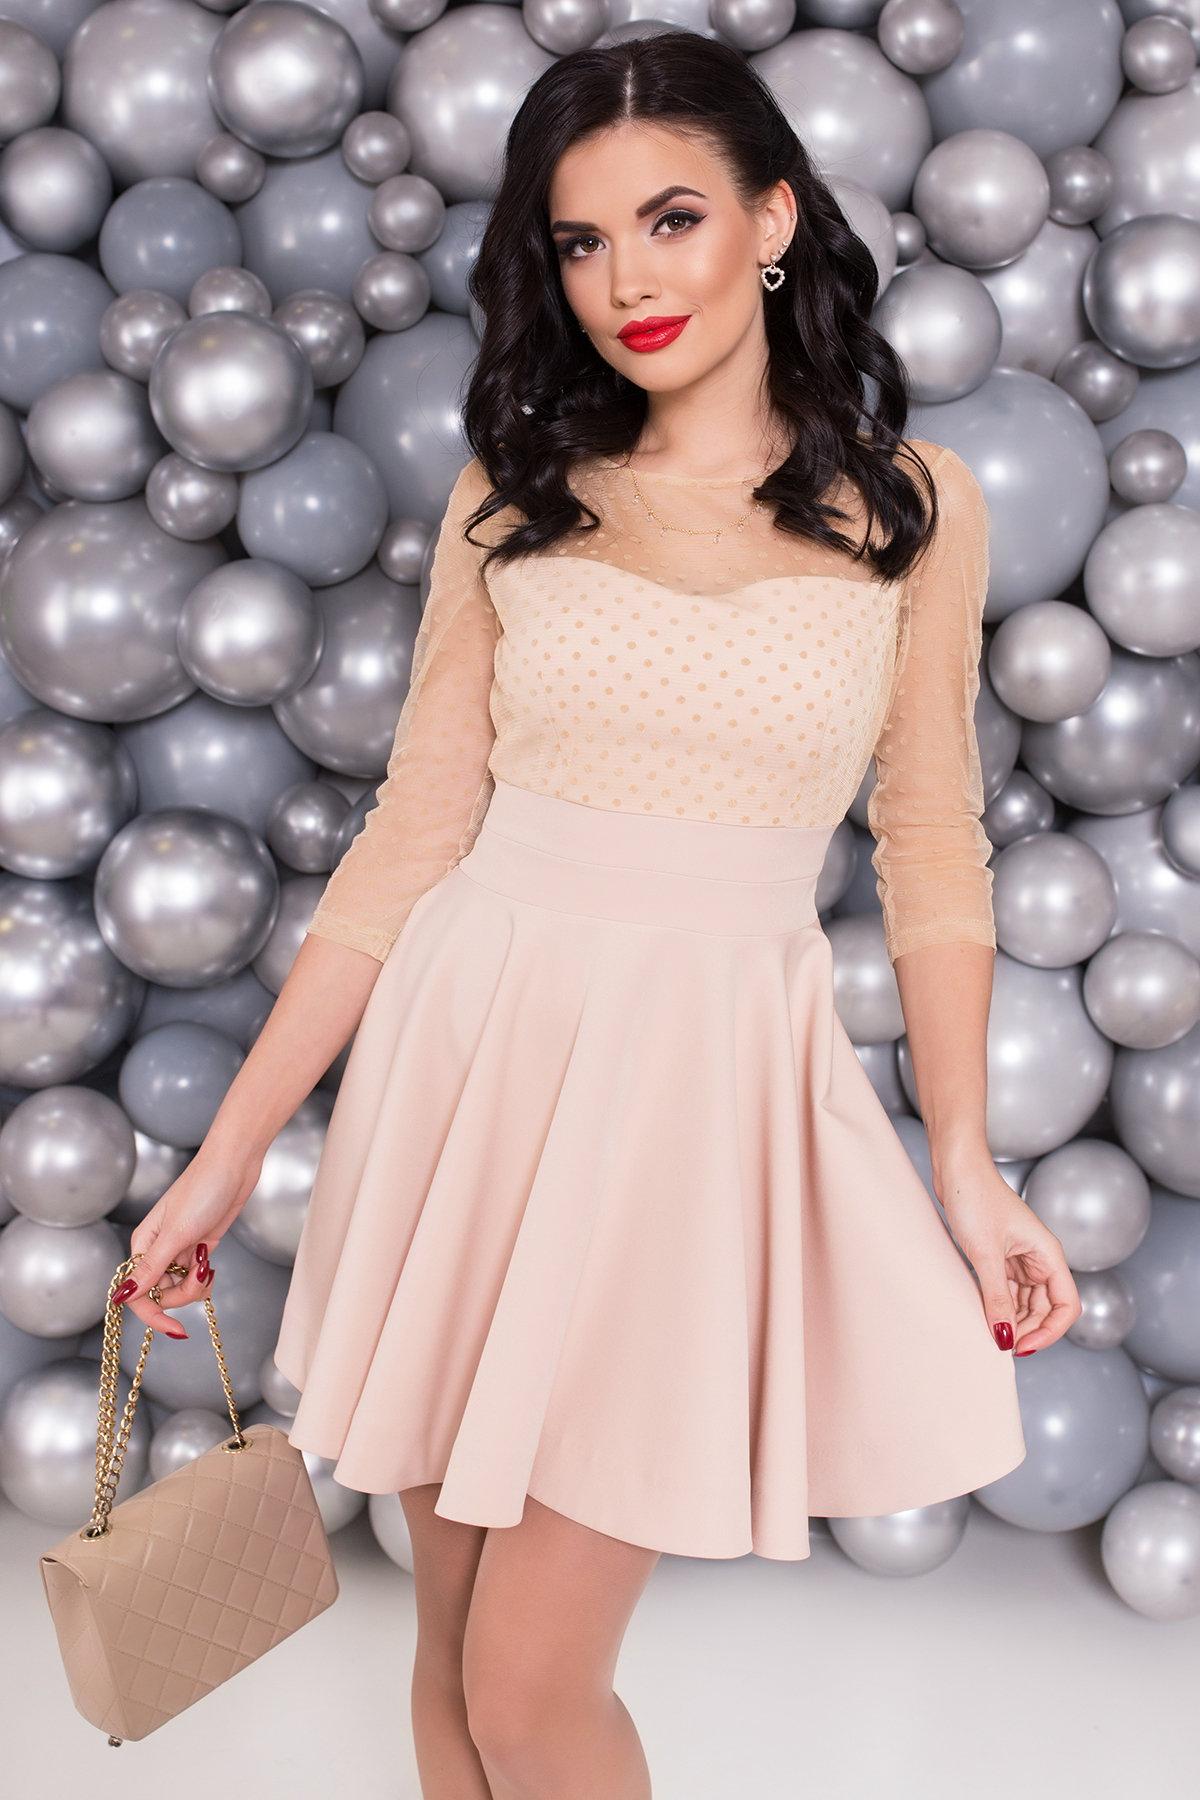 Платье с юбкой солнце Менди 6053 АРТ. 40654 Цвет: Бежевый - фото 3, интернет магазин tm-modus.ru